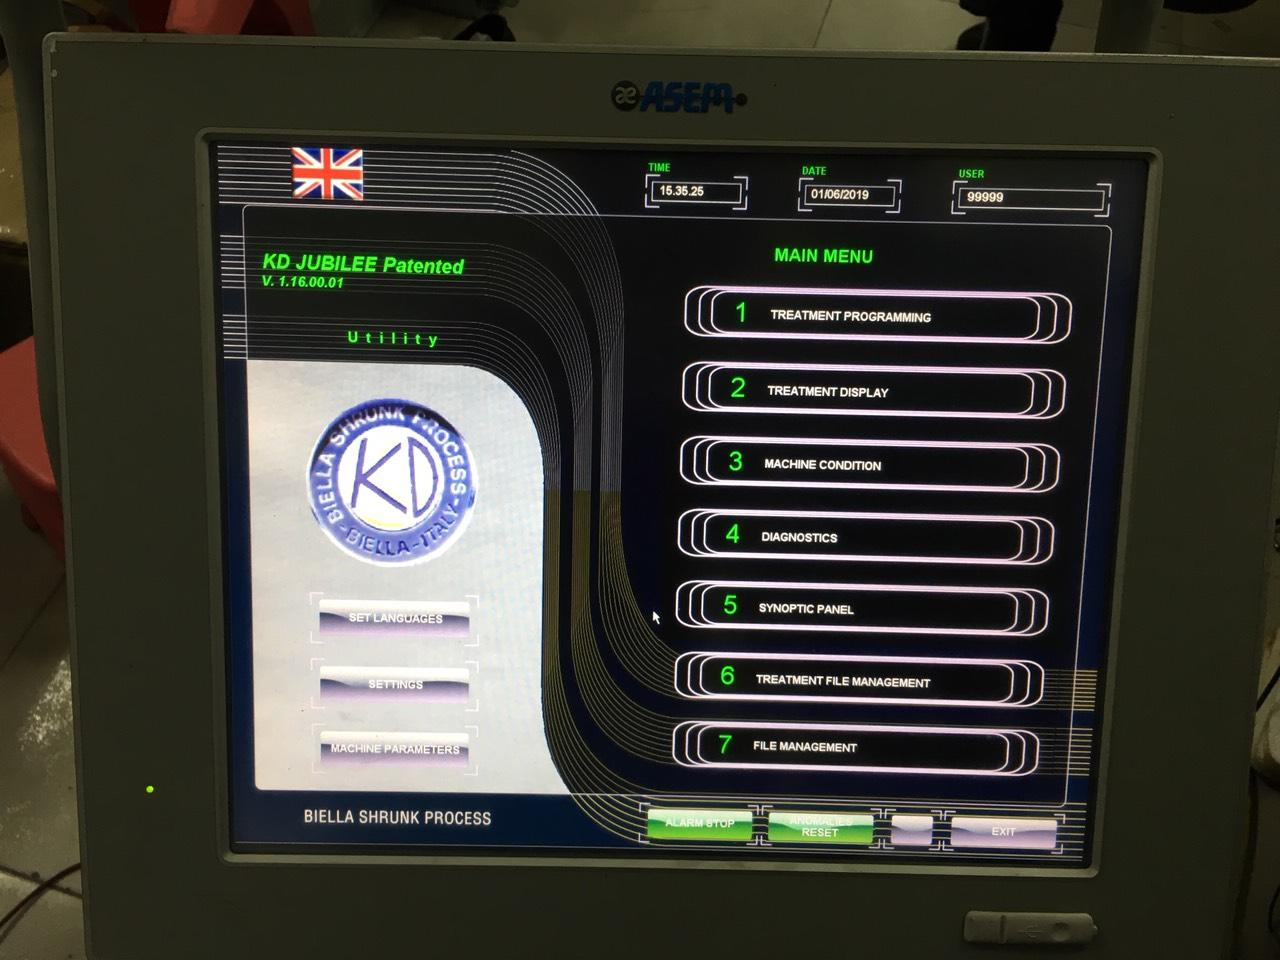 Chuyên sửa chữa màn hình ASEM OT1300 kích cỡ 15 inch và model các hãng khác. Hotline: 0942.043.053(zalo) hoặc 0977.130.973 (zalo)